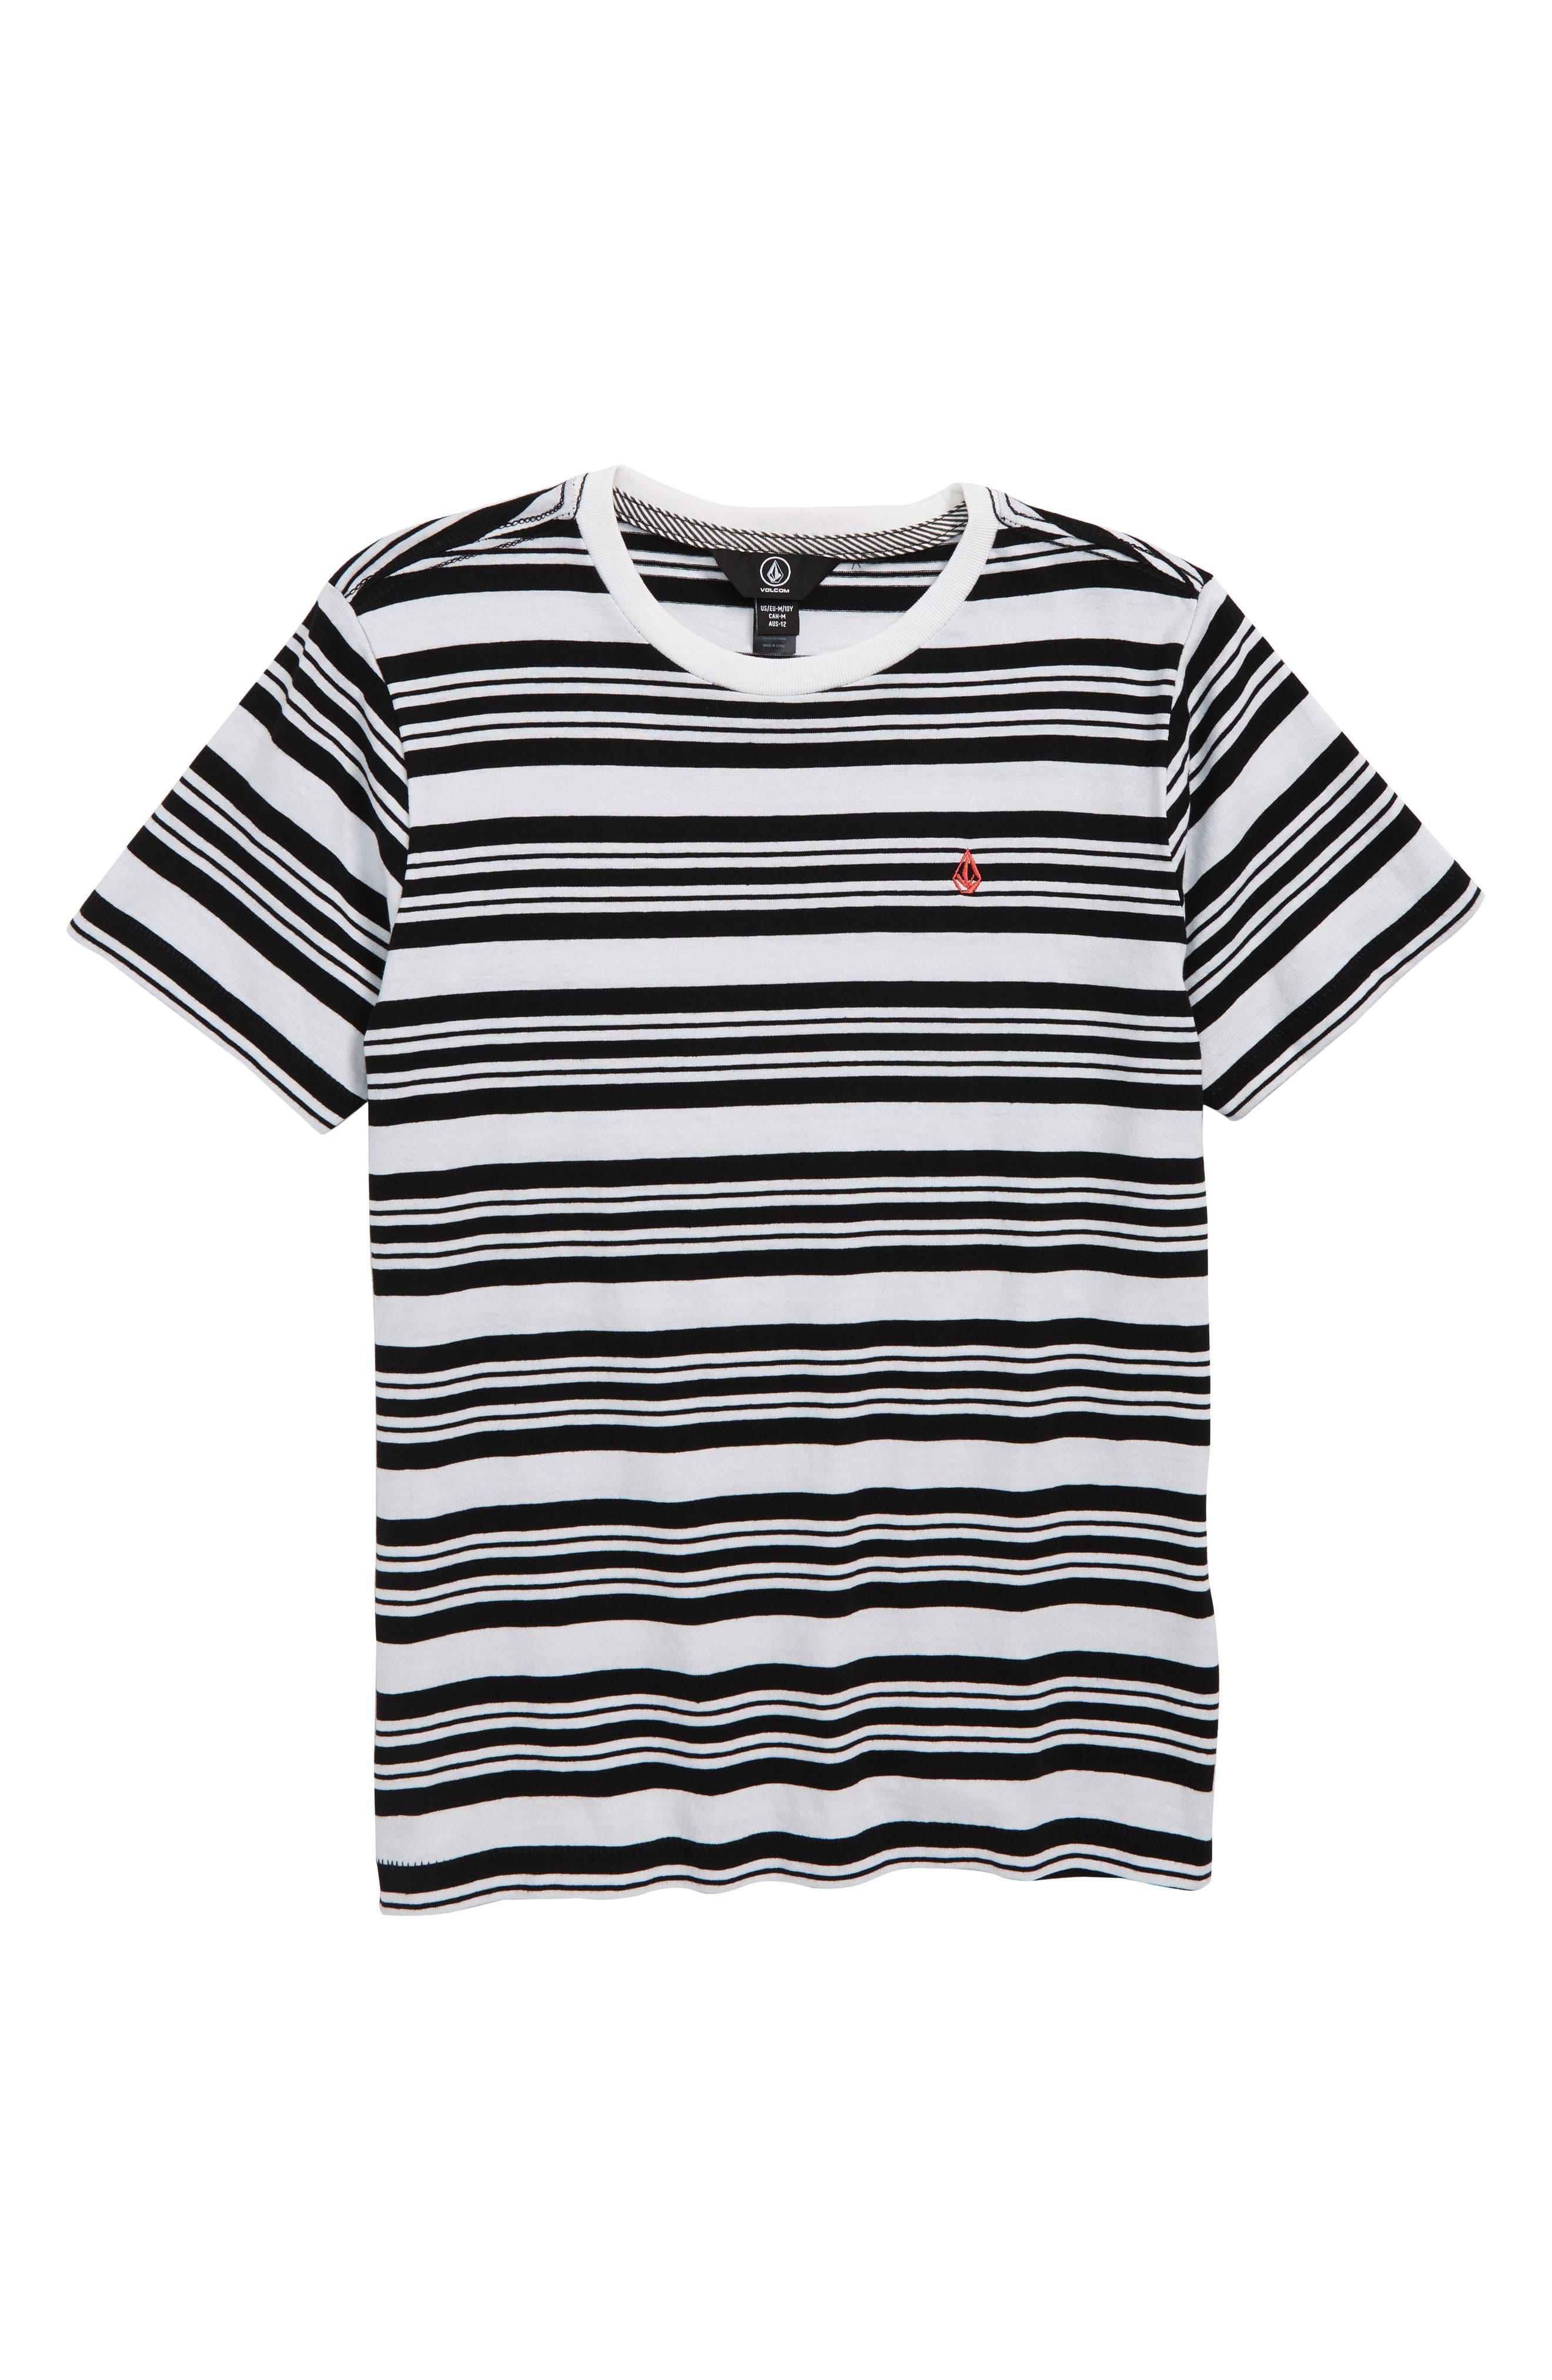 Randall T-Shirt,                             Main thumbnail 1, color,                             WHITE